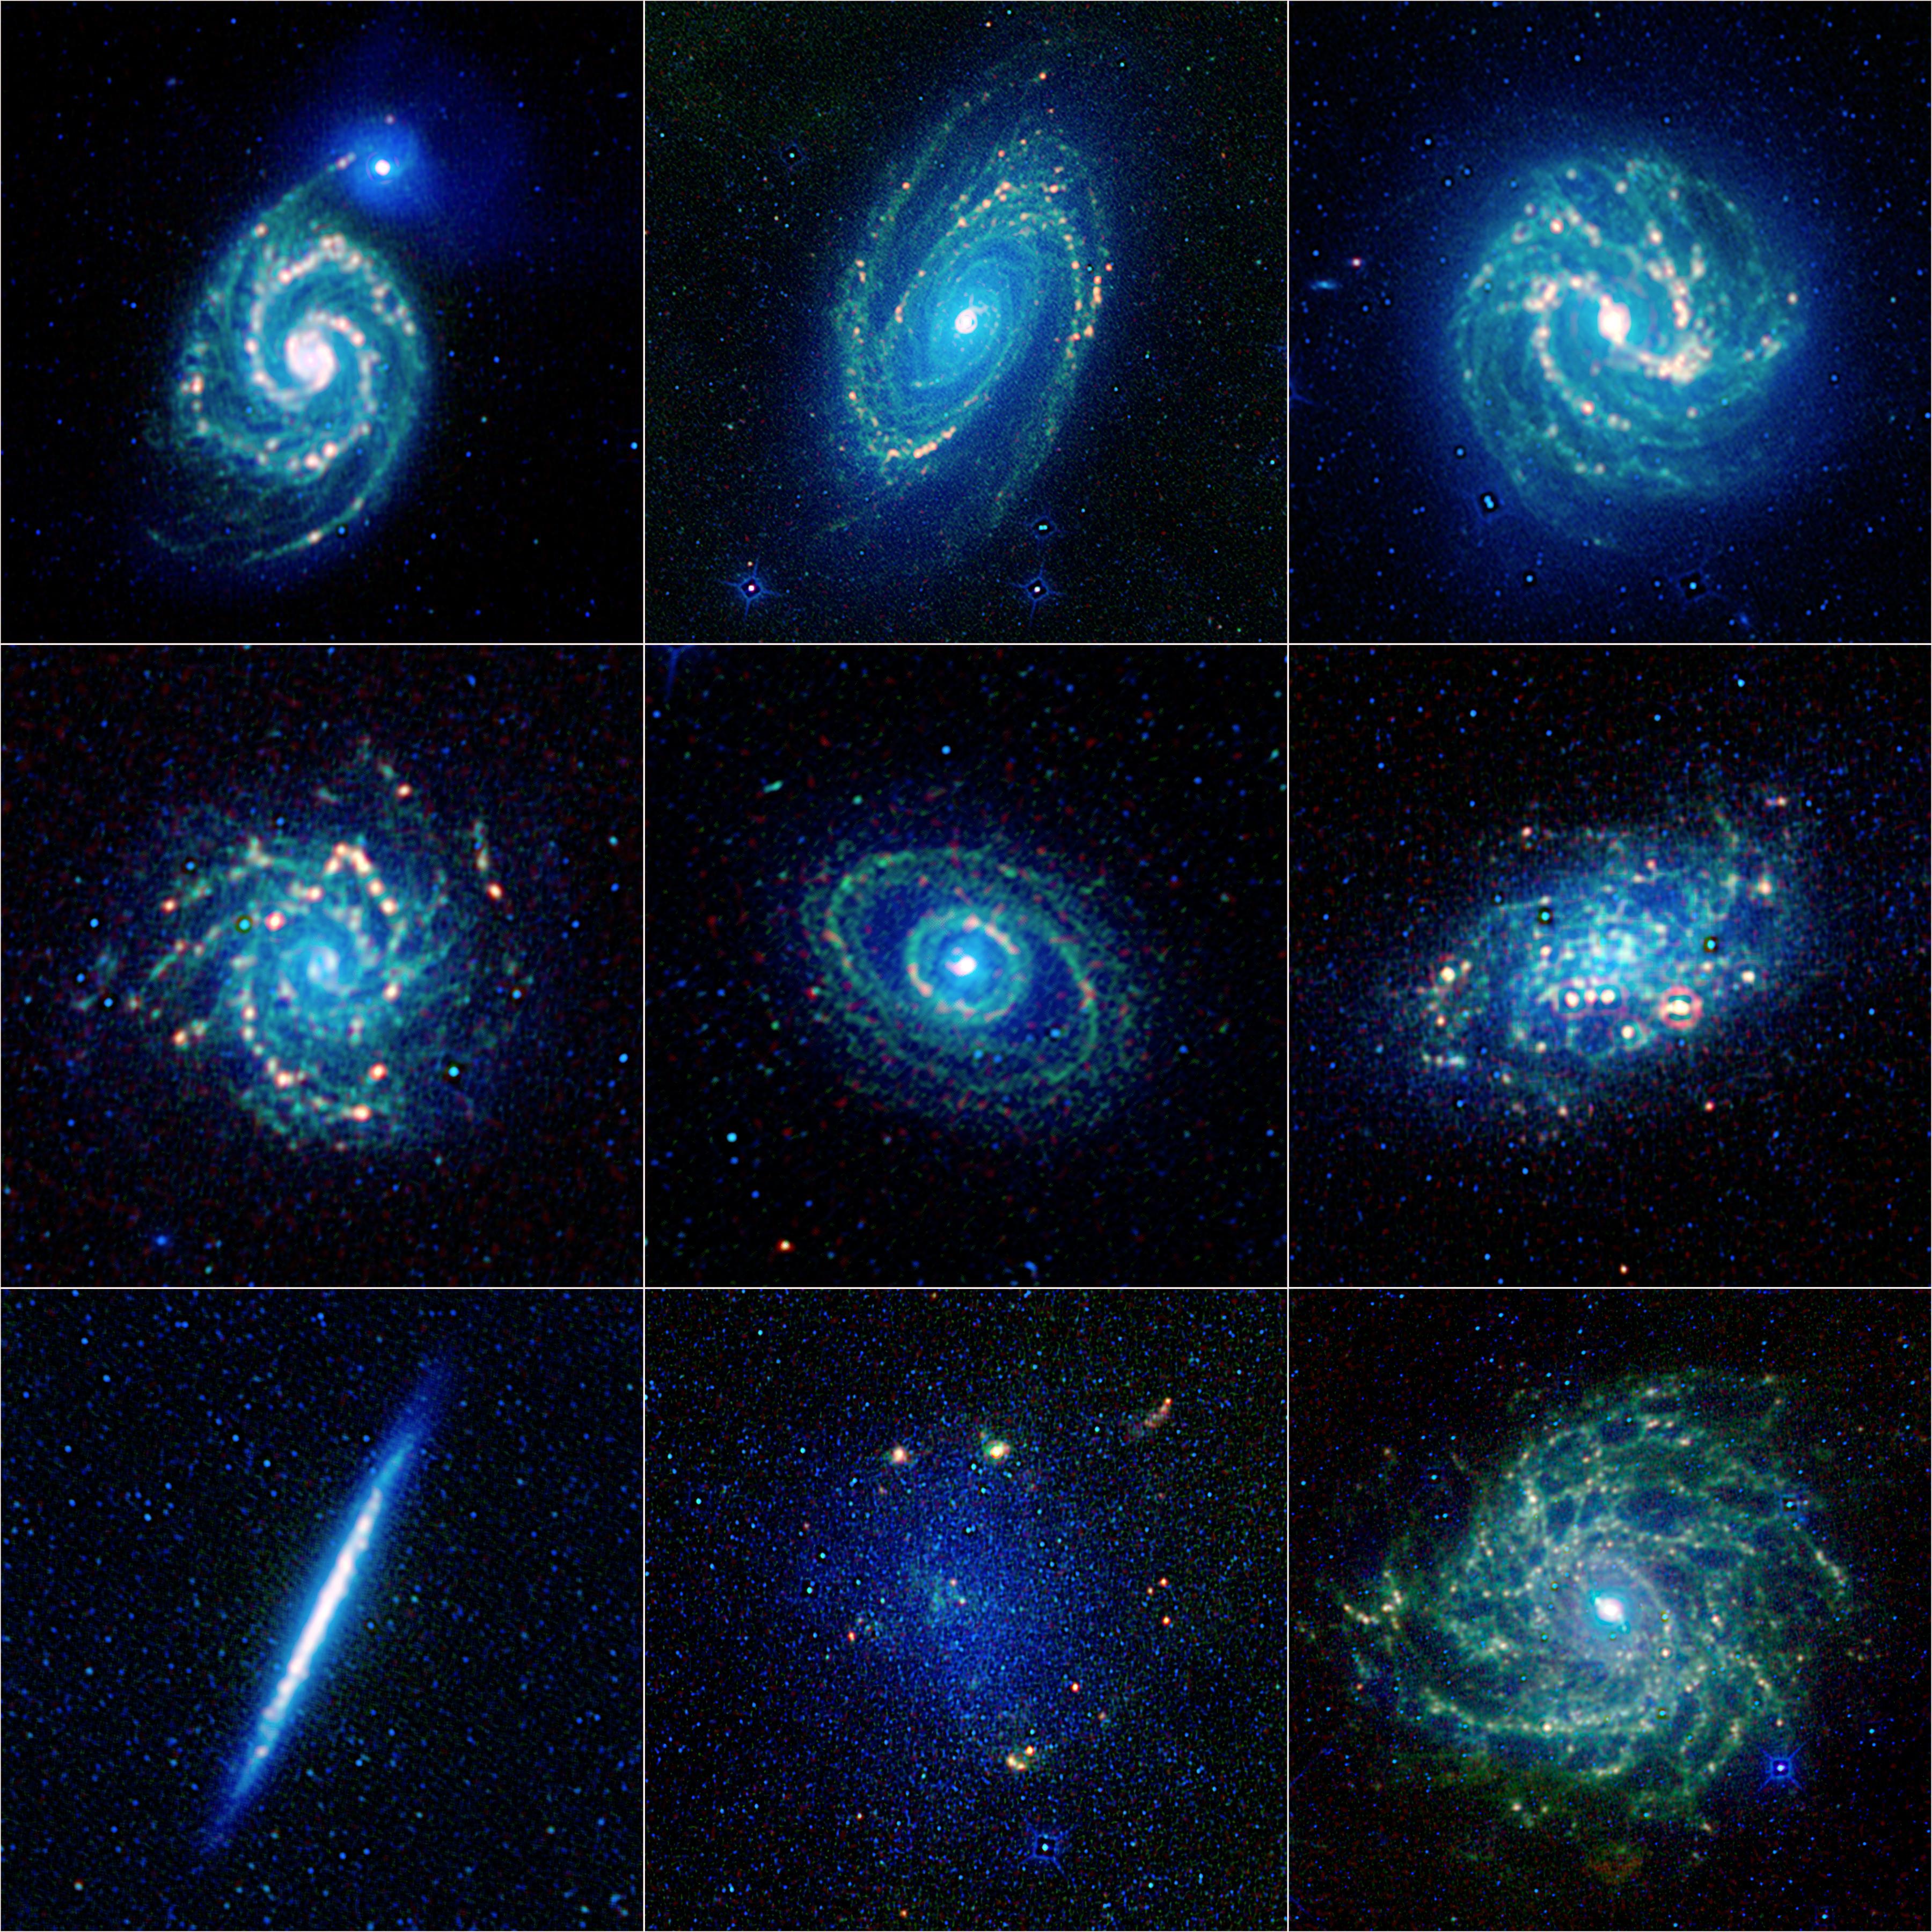 картинки галактик с названиями грудь